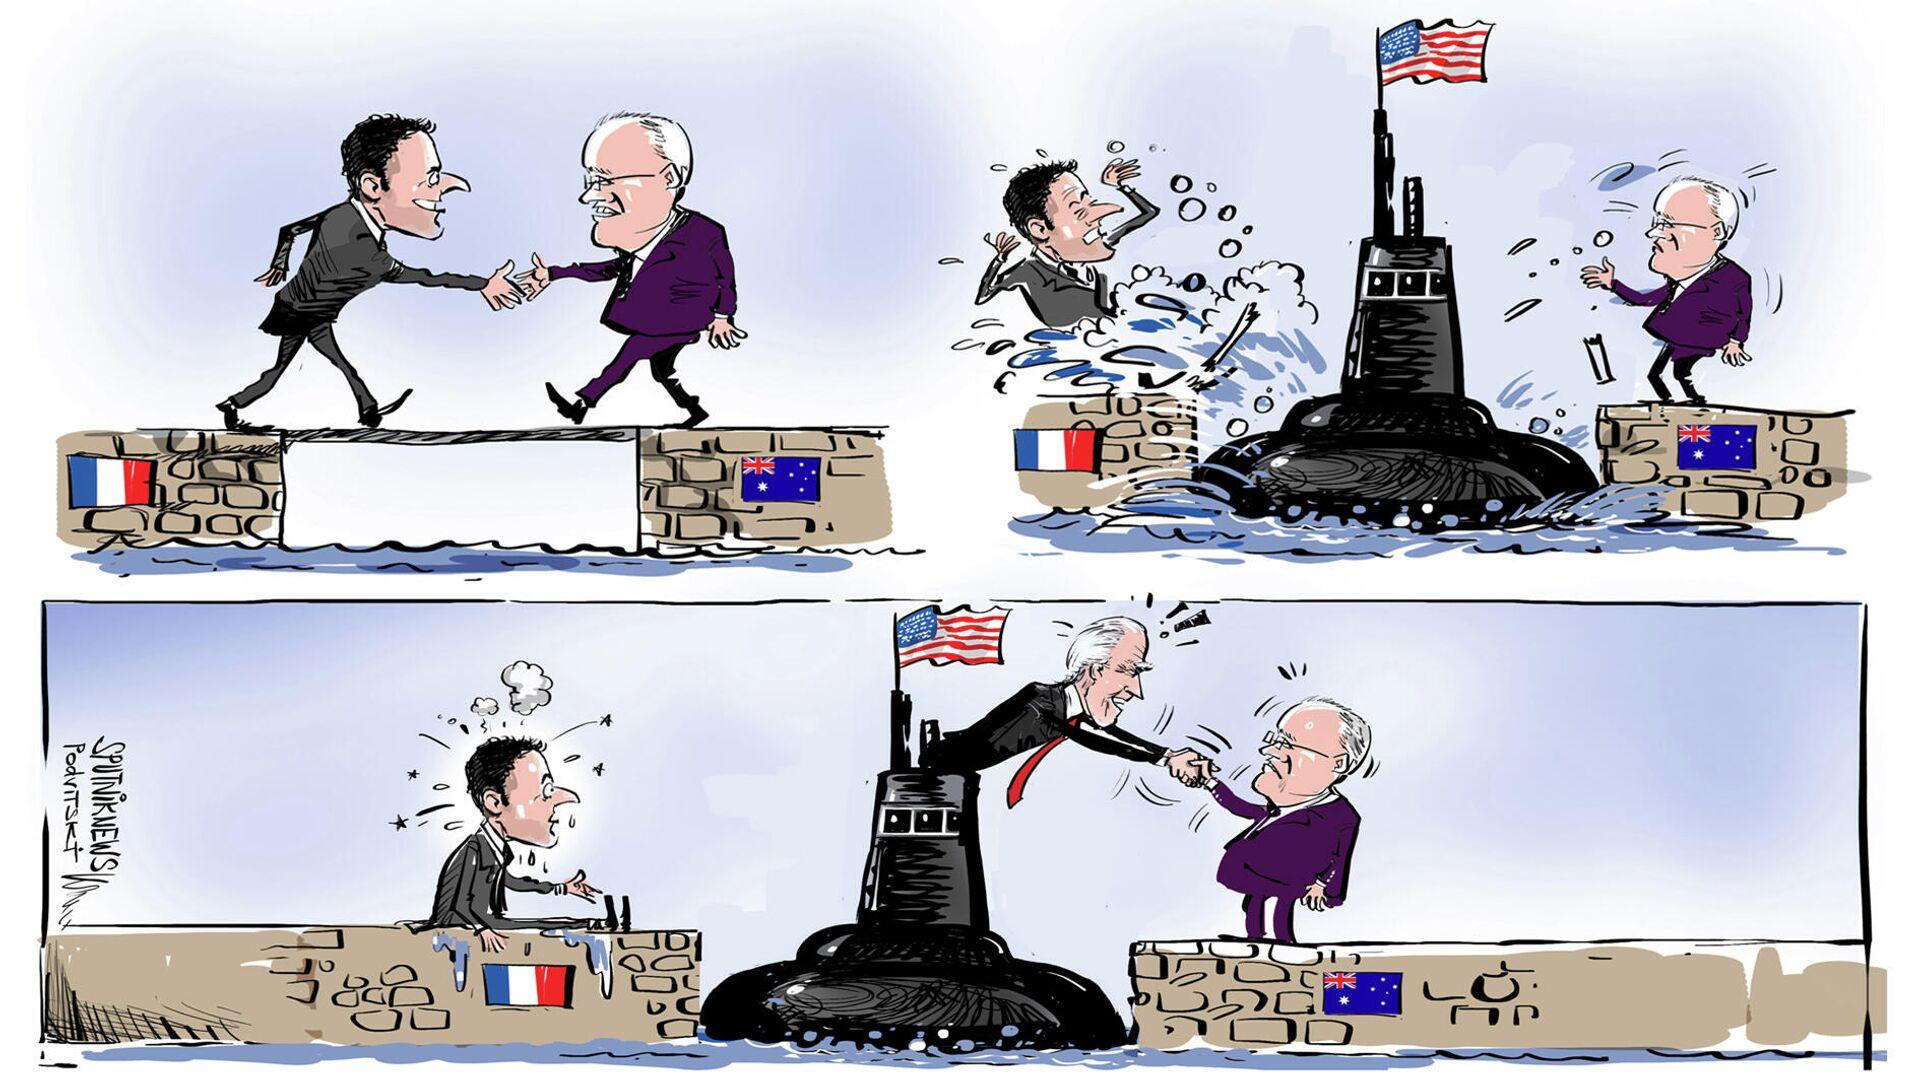 Los submarinos estadounidenses irrumpen entre Francia y Australia  - Sputnik Mundo, 1920, 18.09.2021